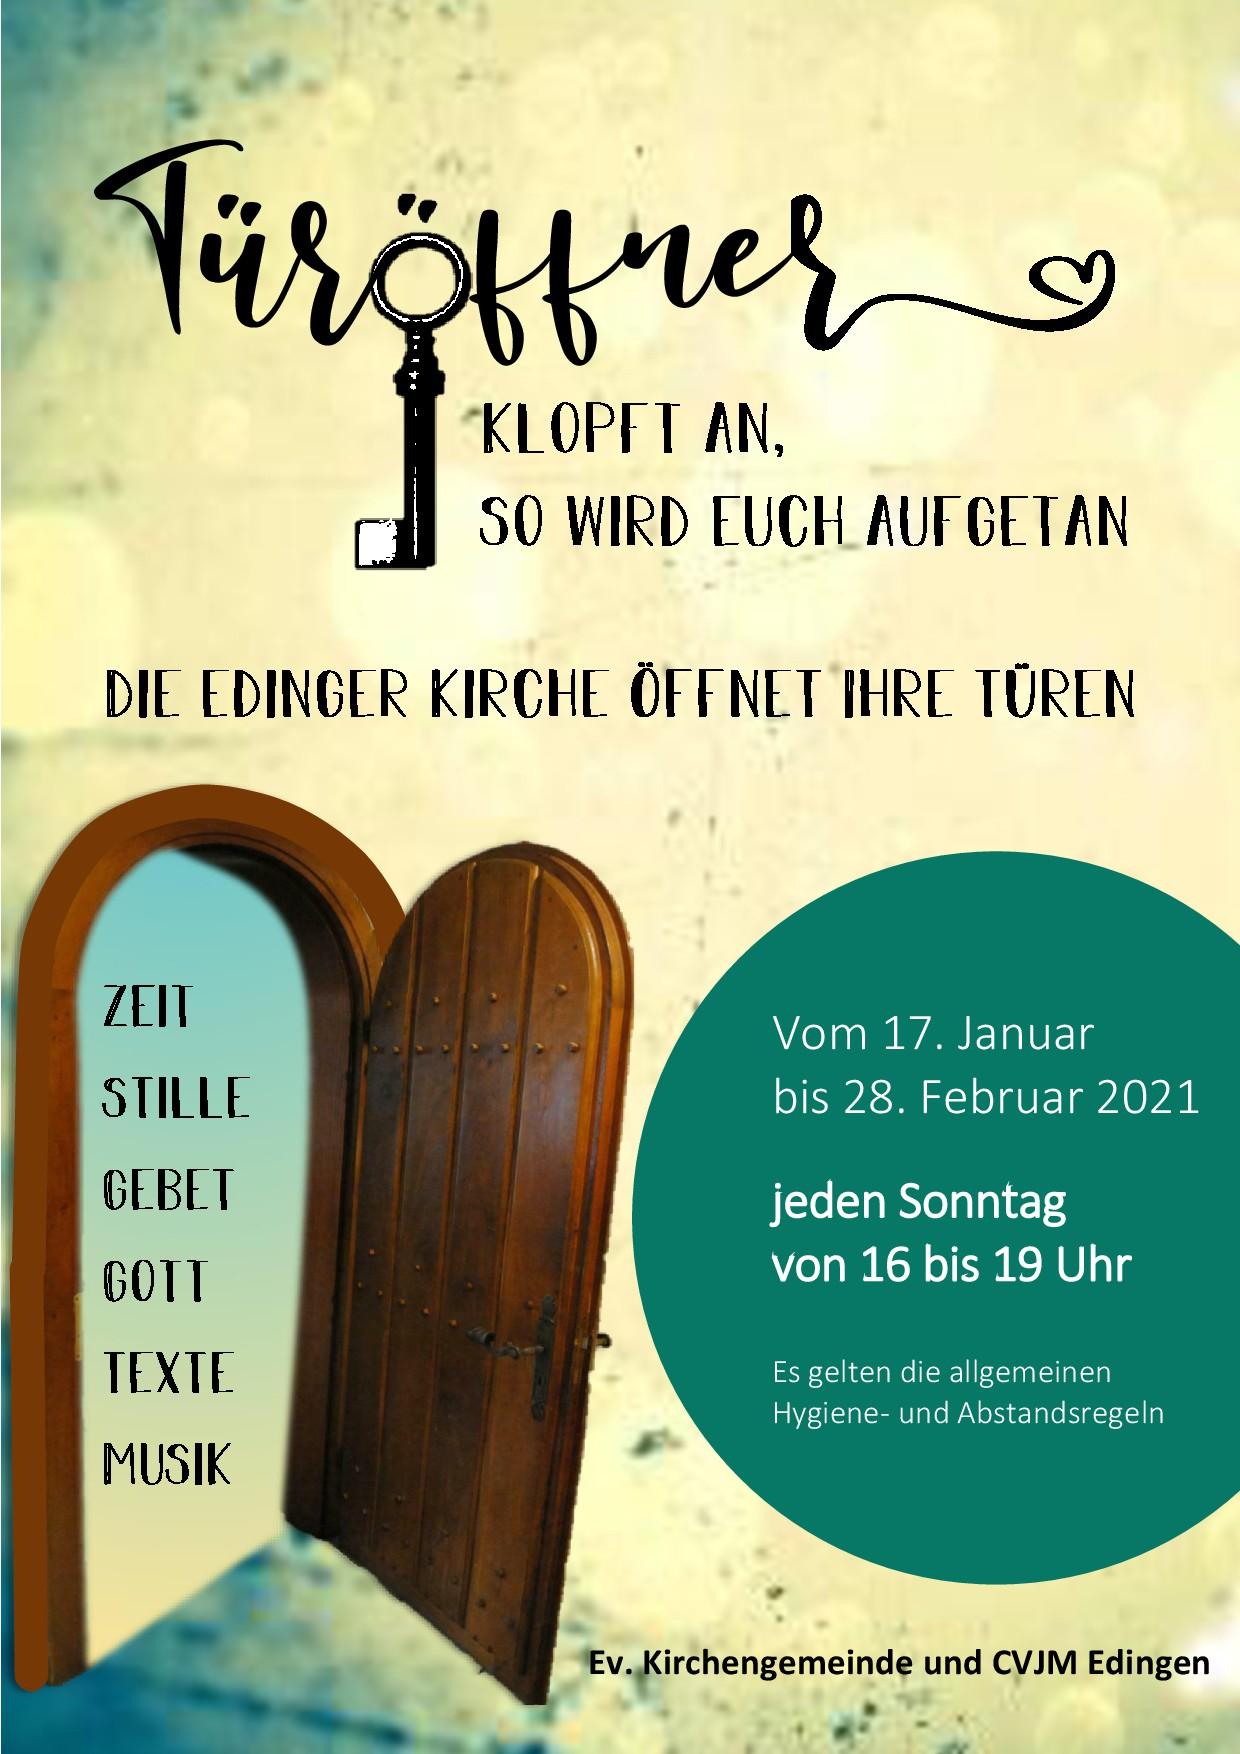 Die Edinger Kirche öffnet ihre Türen. Vom 17. Januar bis 28. Februar, jeden Sonntag von 16 bis 19 Uhr.